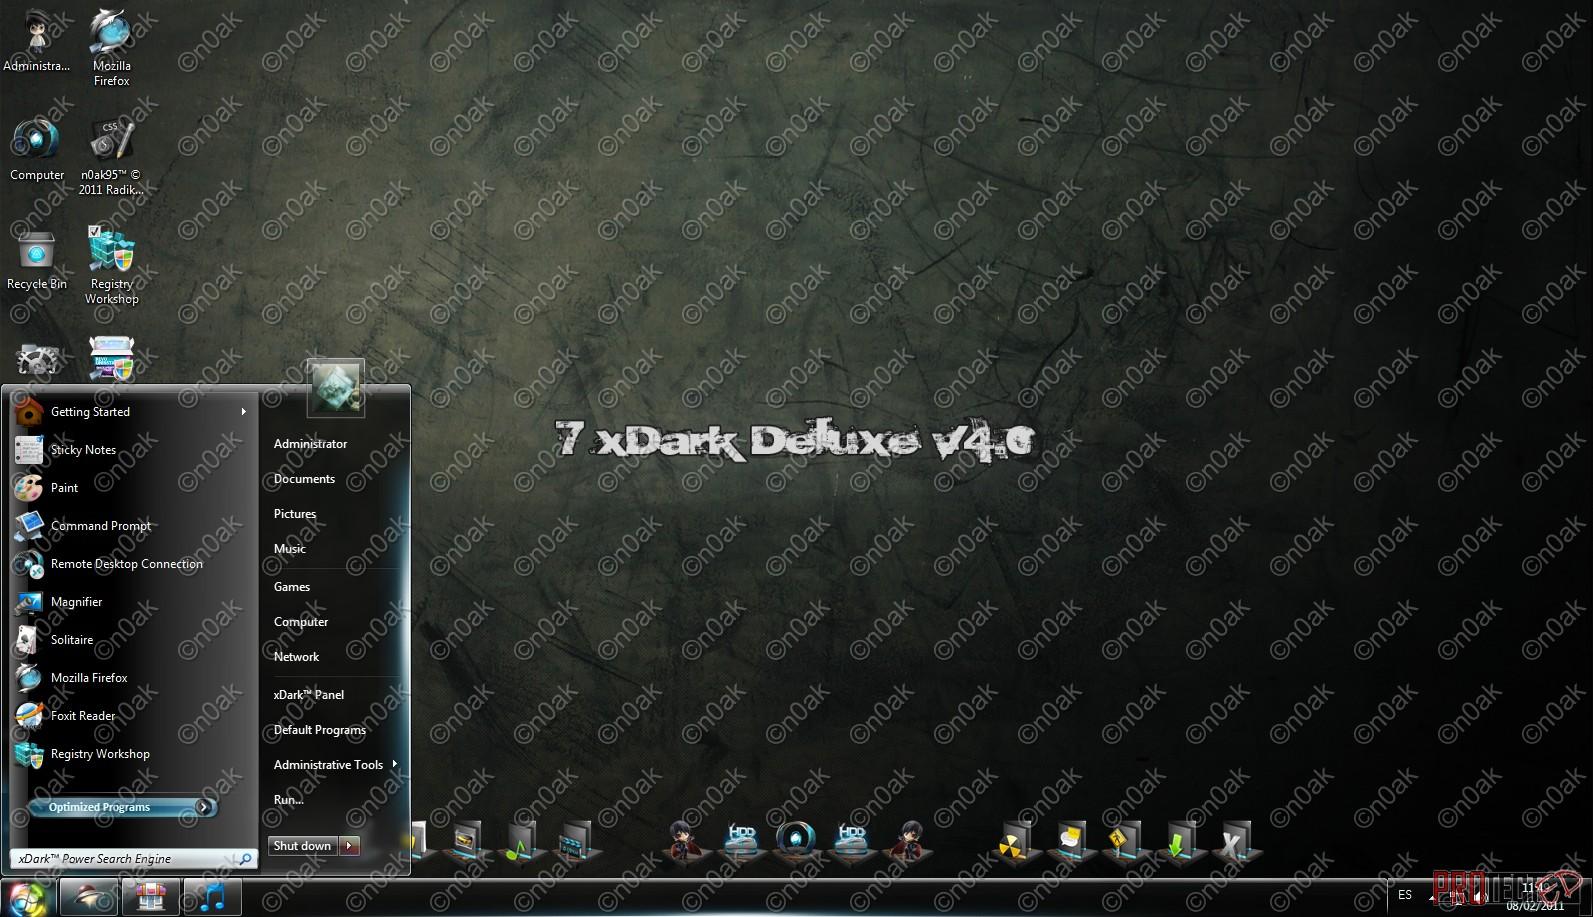 Xdark firefox 3.6.13 portable